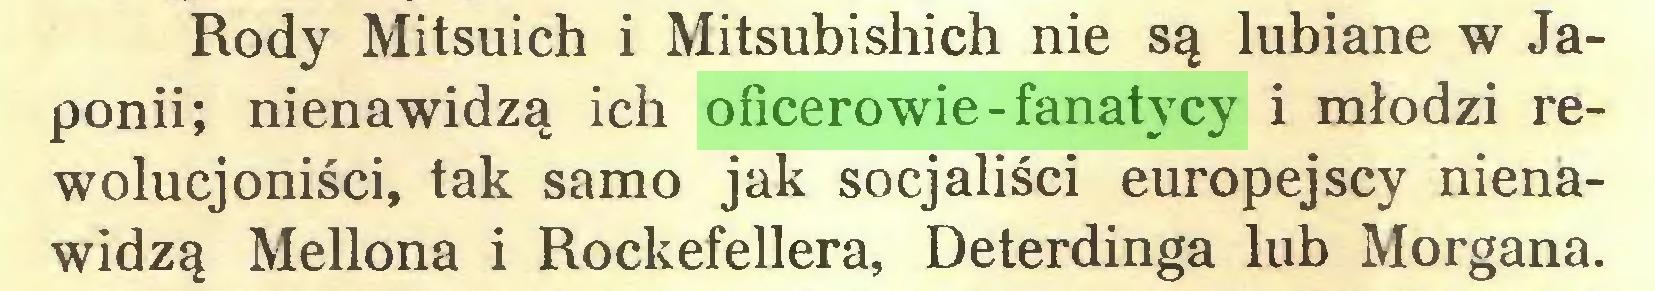 (...) Rody Mitsuich i Mitsubishich nie są łubiane w Japonii; nienawidzą ich oficerowie-fanatycy i młodzi rewolucjoniści, tak samo jak socjaliści europejscy nienawidzą Mellona i Rockefellera, Deterdinga lub Morgana...